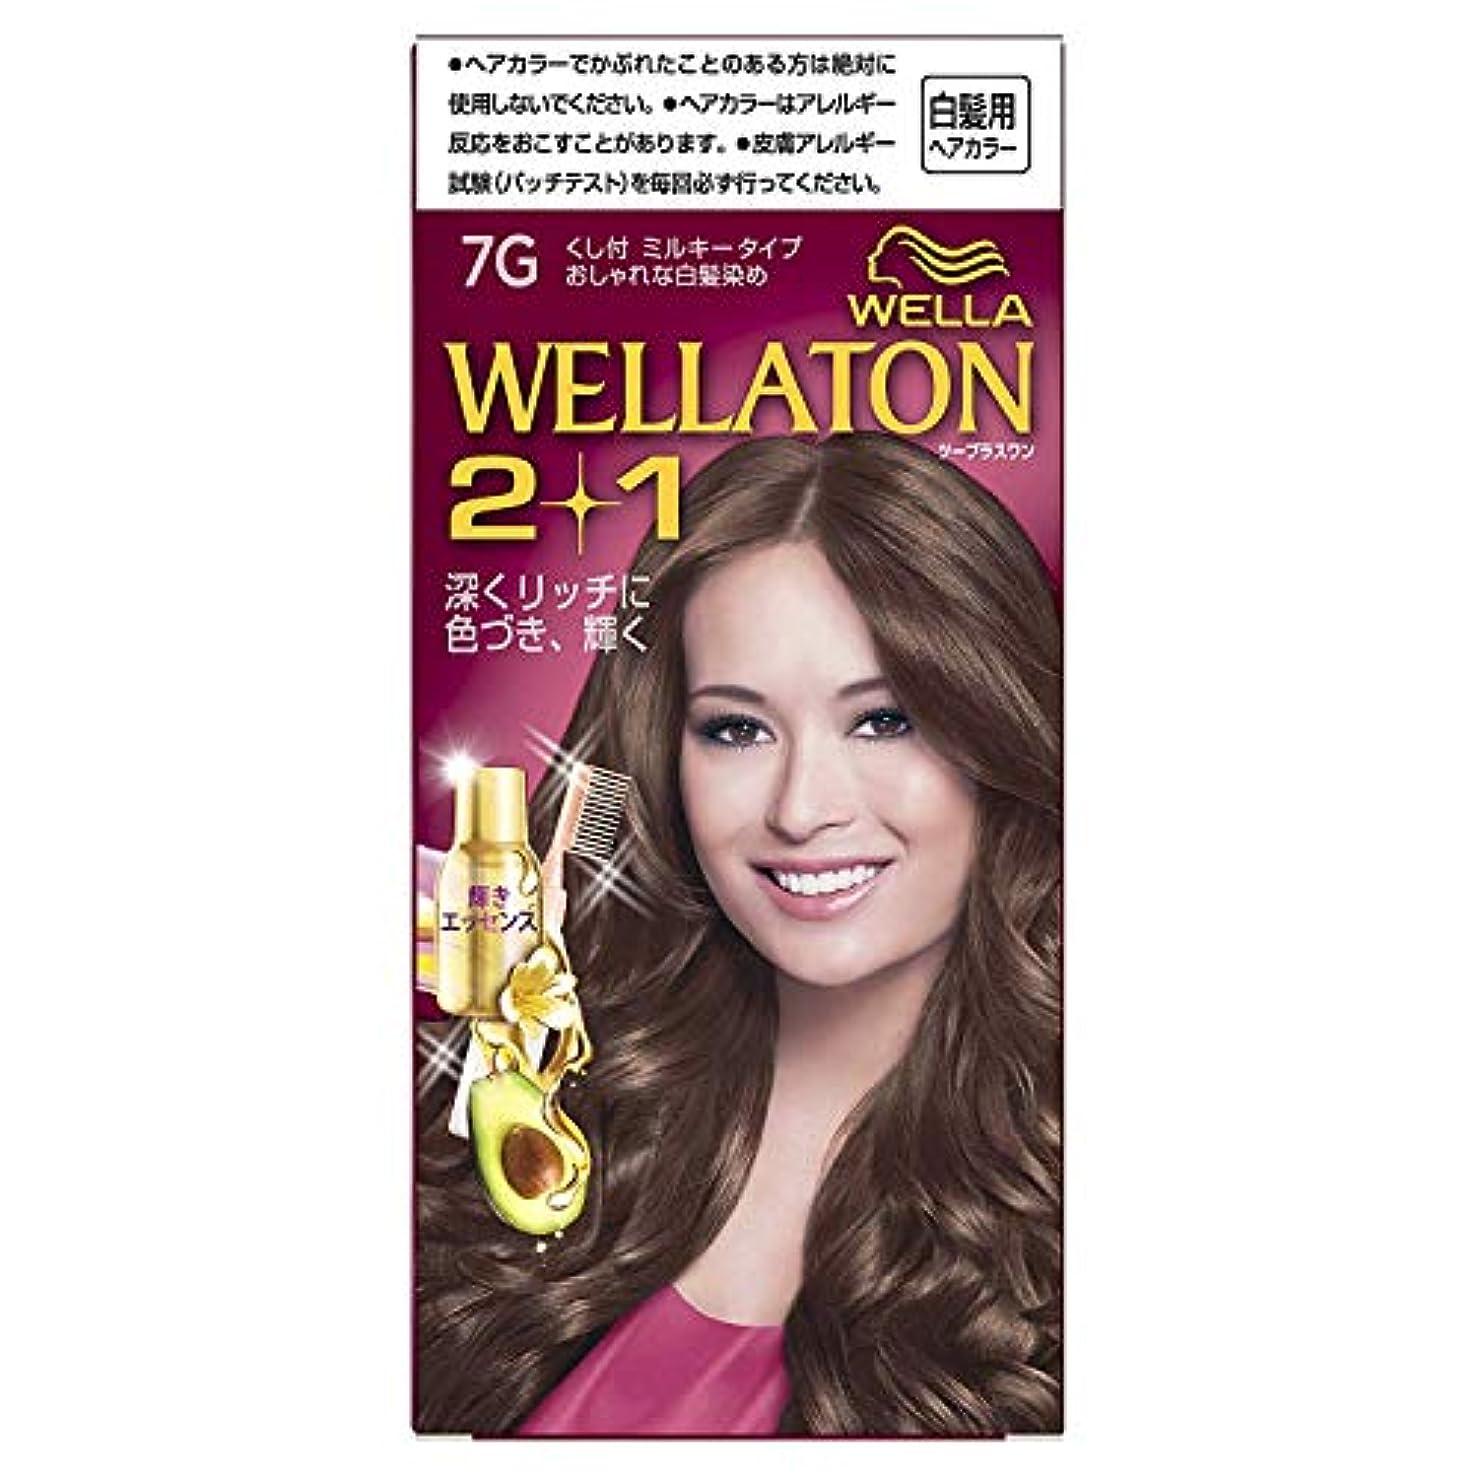 ポジションミスペンド代わりにウエラトーン2+1 白髪染め くし付ミルキータイプ 7G [医薬部外品] ×6個